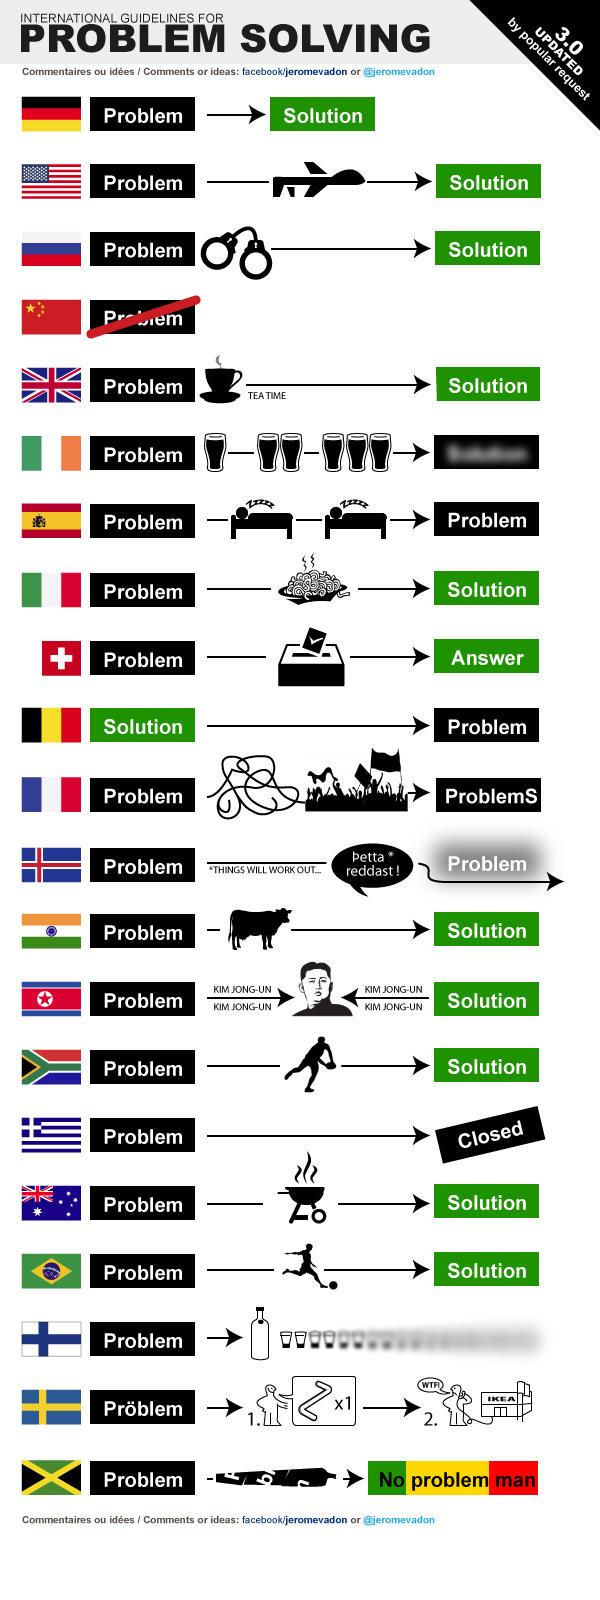 International guidlines for problem solving.